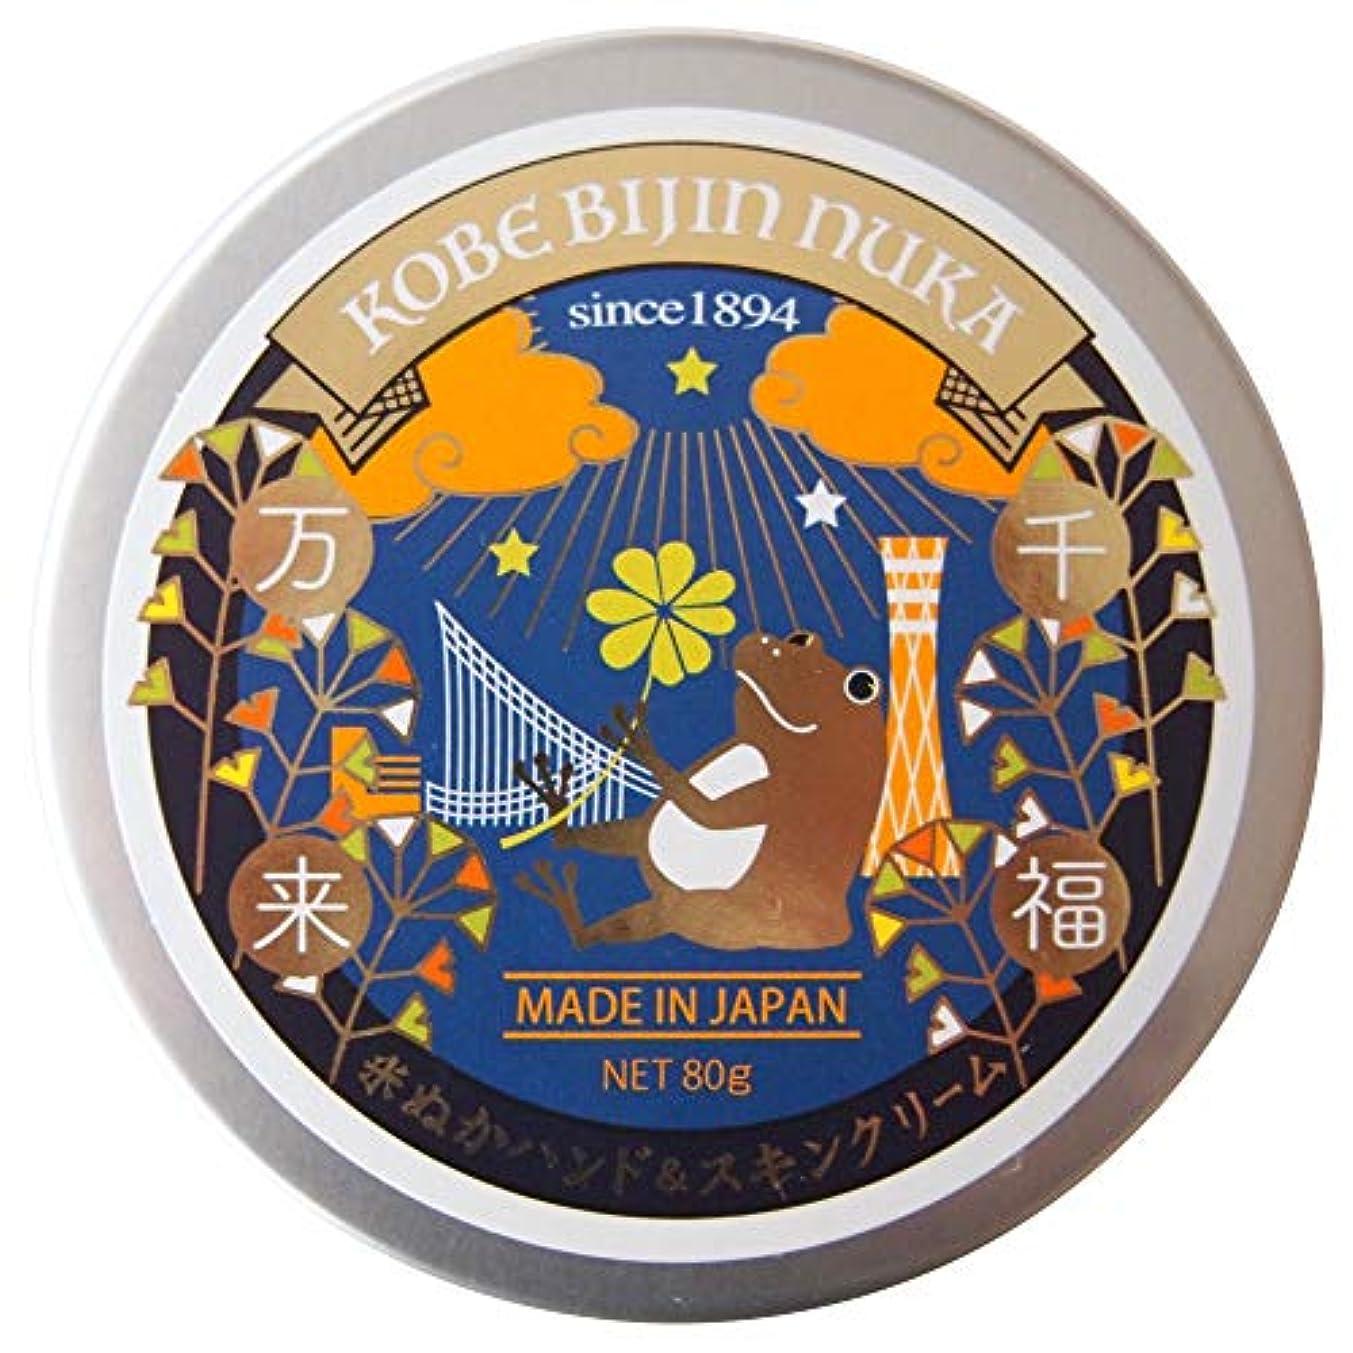 エレクトロニック面白い広々とした神戸美人ぬか 米ぬかハンド&スキンクリーム(千福万来)【ヘルシーシトラスの香り】 80g